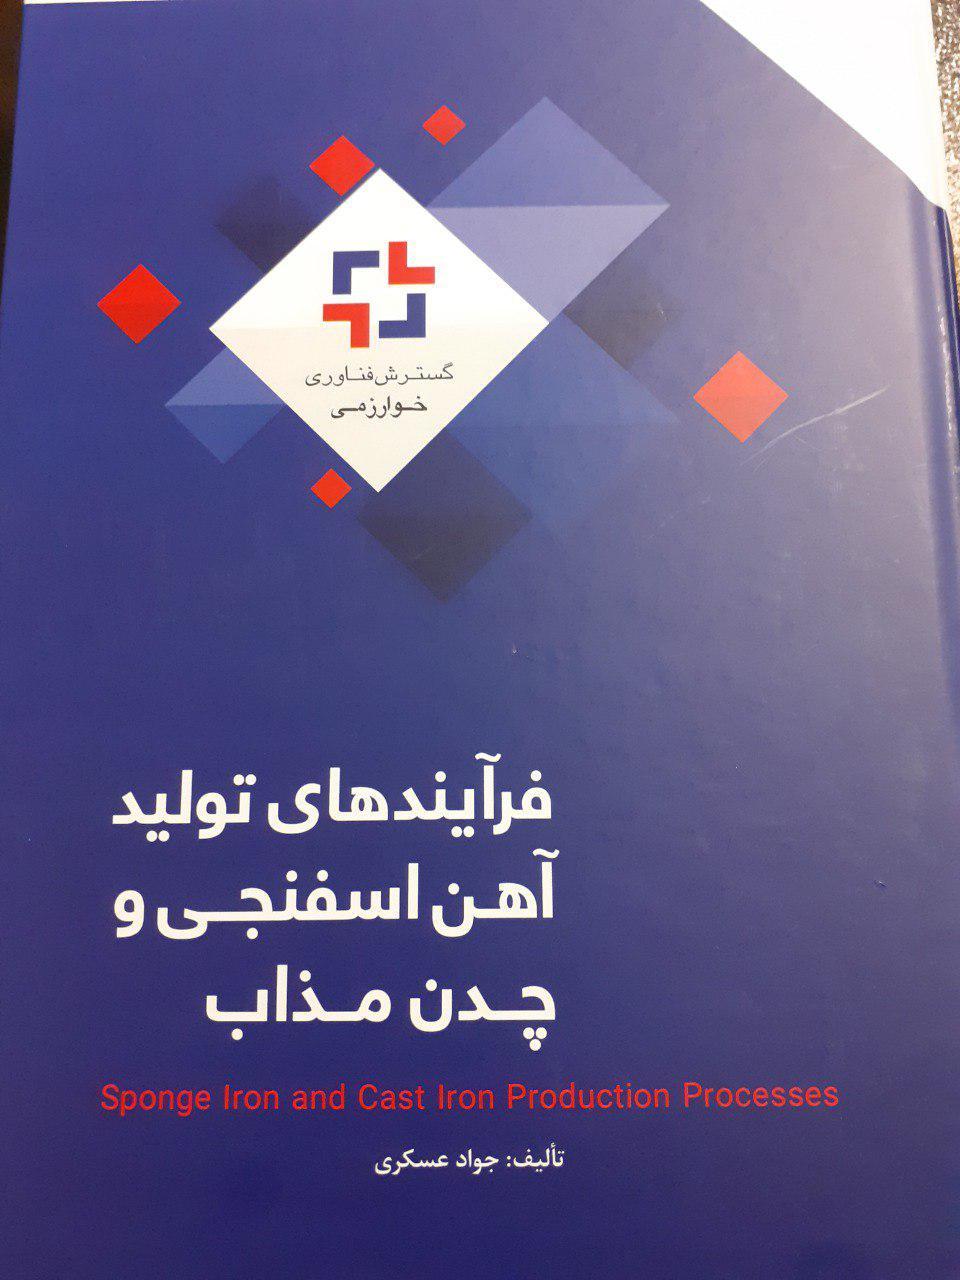 """معرفی کتاب """"فرآیندهای تولید آهن اسفنجی و چدن مذاب"""""""